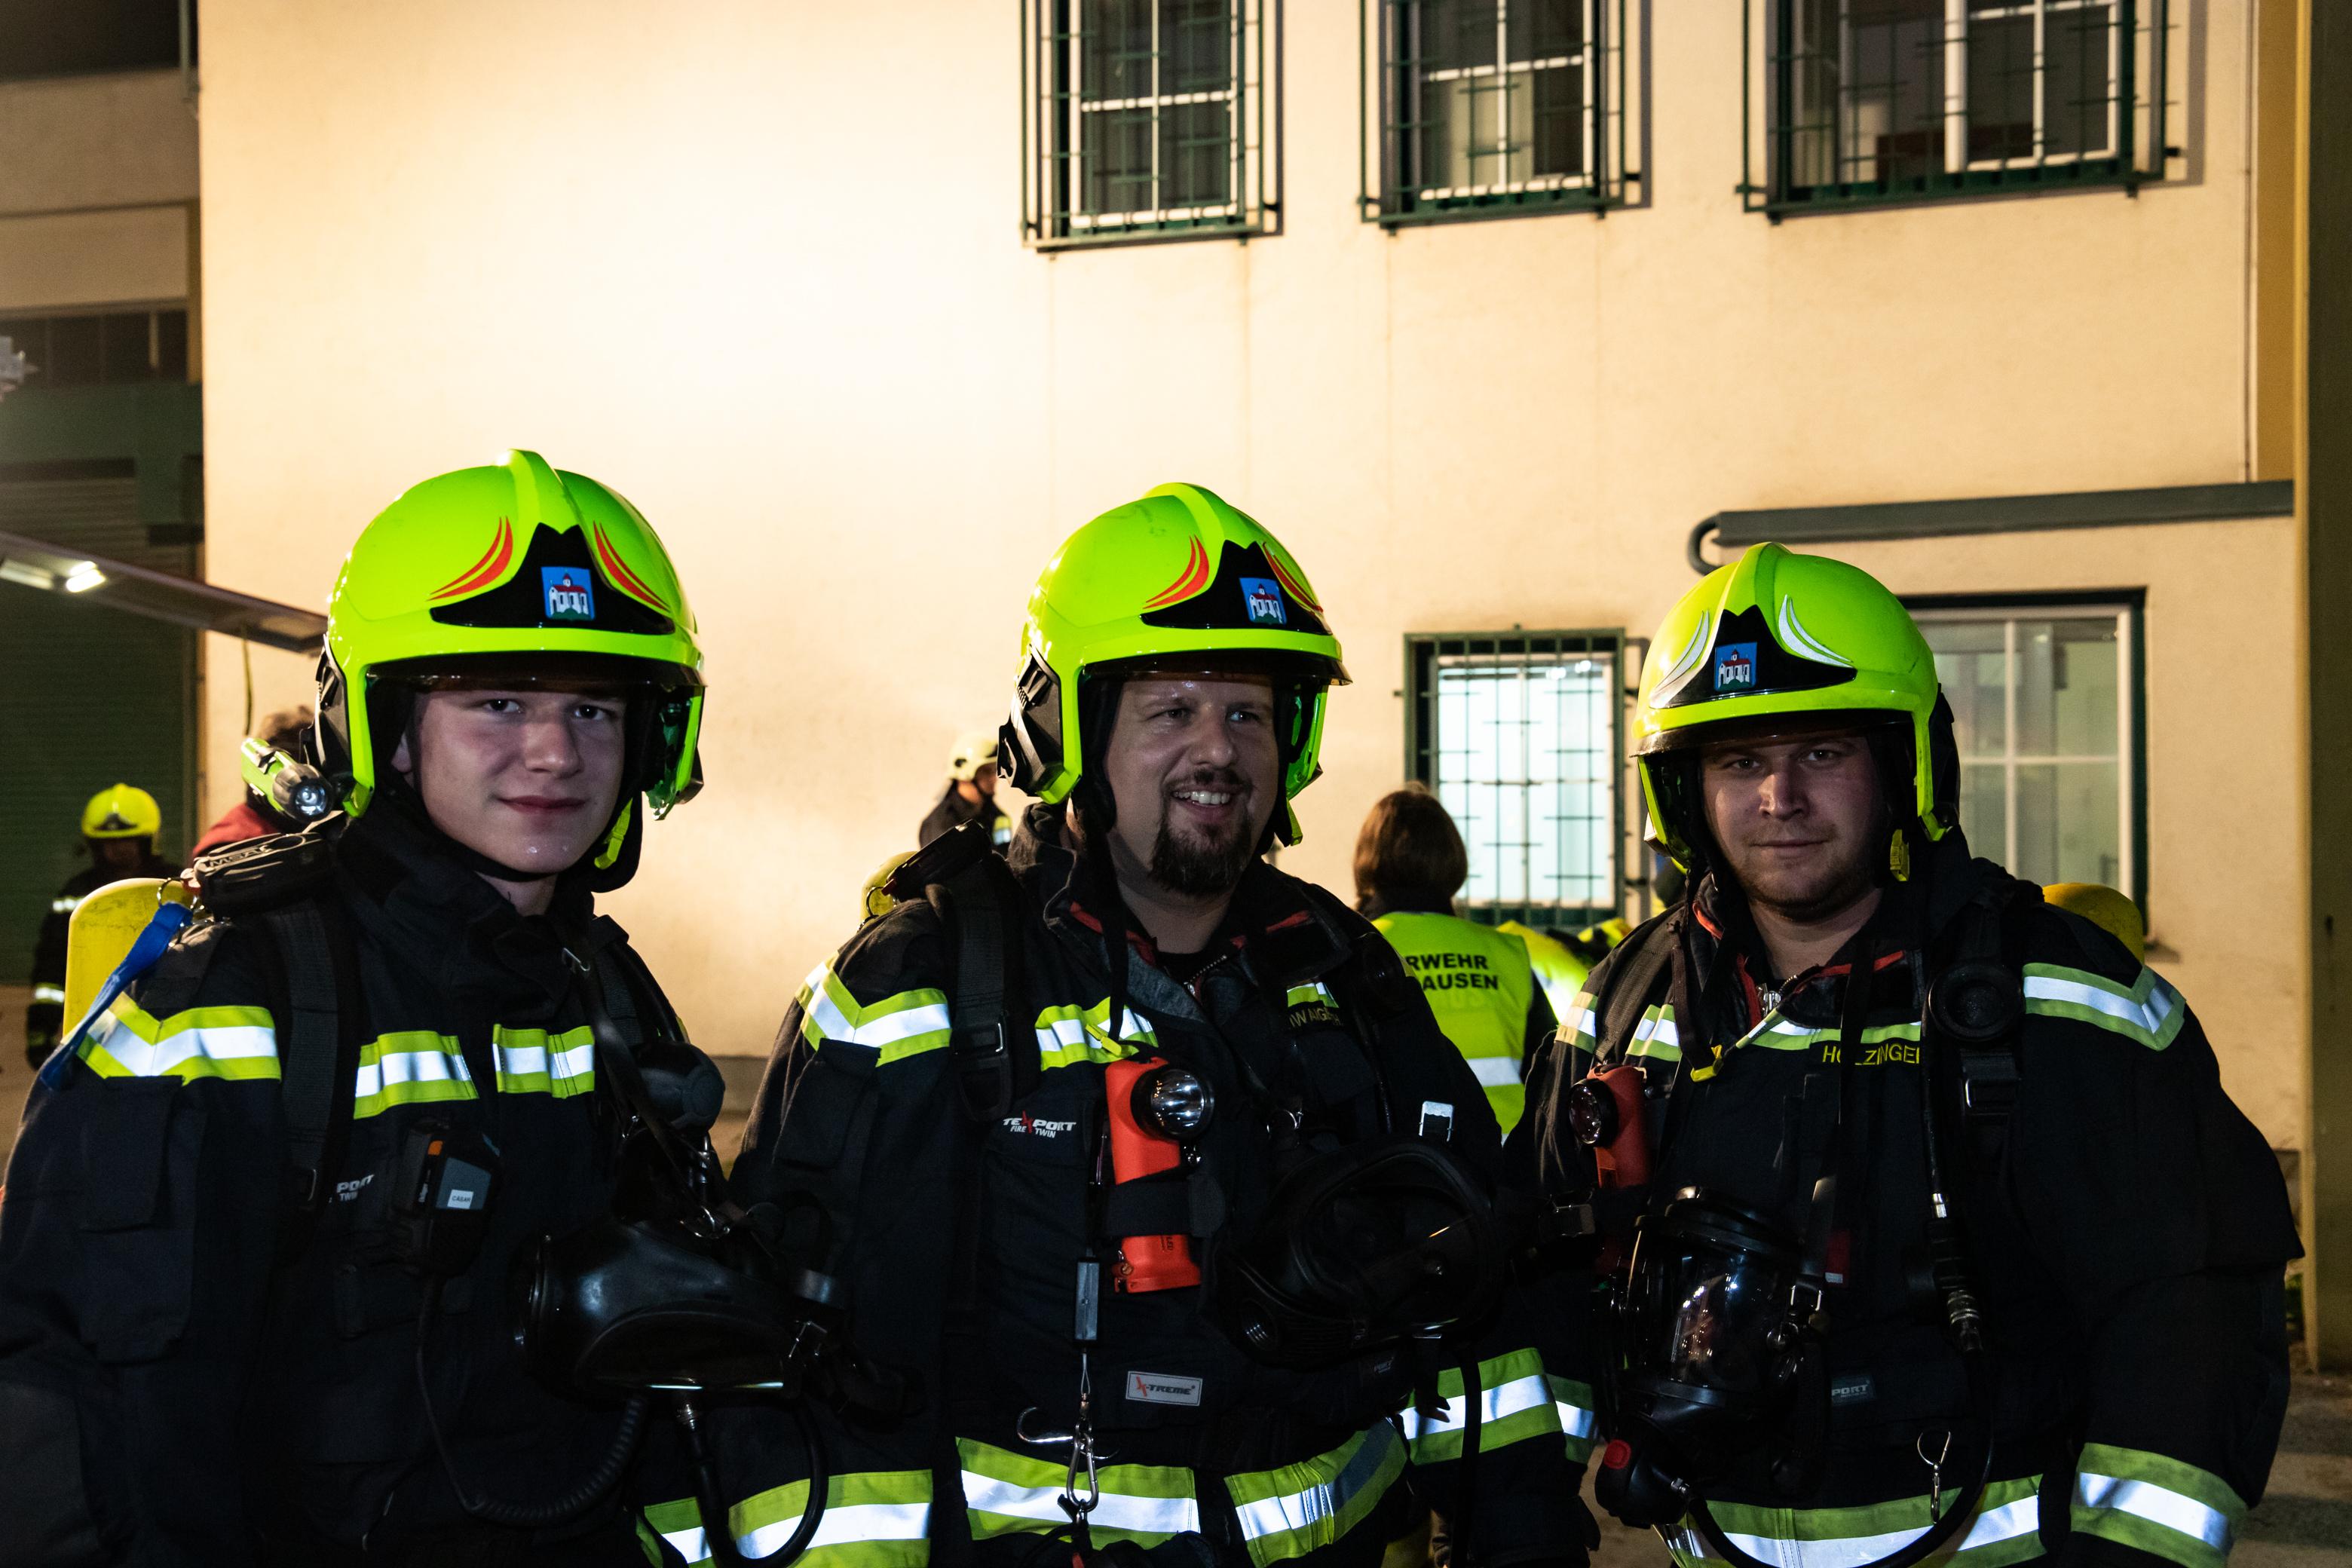 Brandschutzübung_NUA (7 von 23)